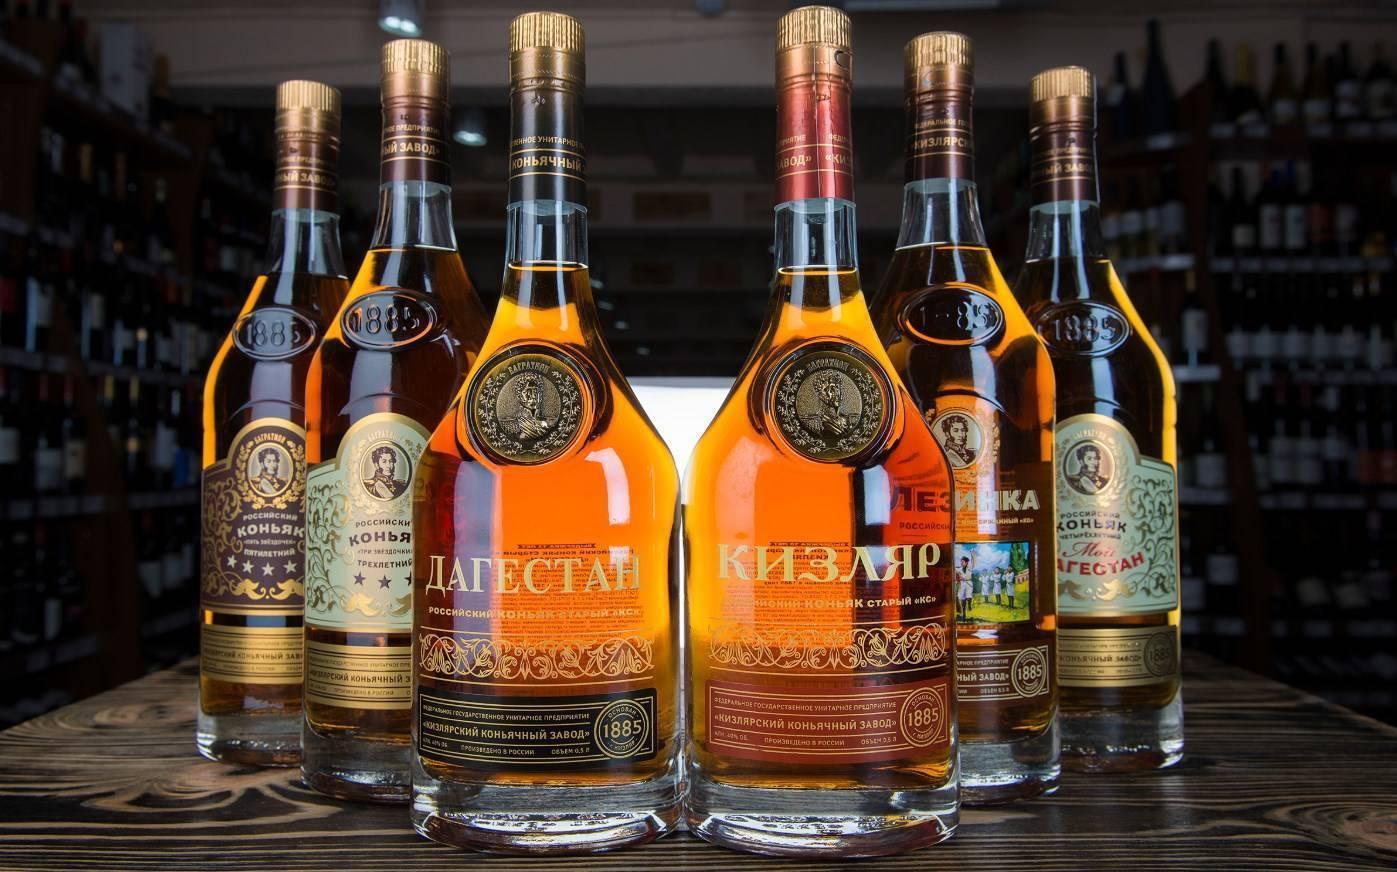 Коньяк дагестан: обзор напитка, виды, факты, история